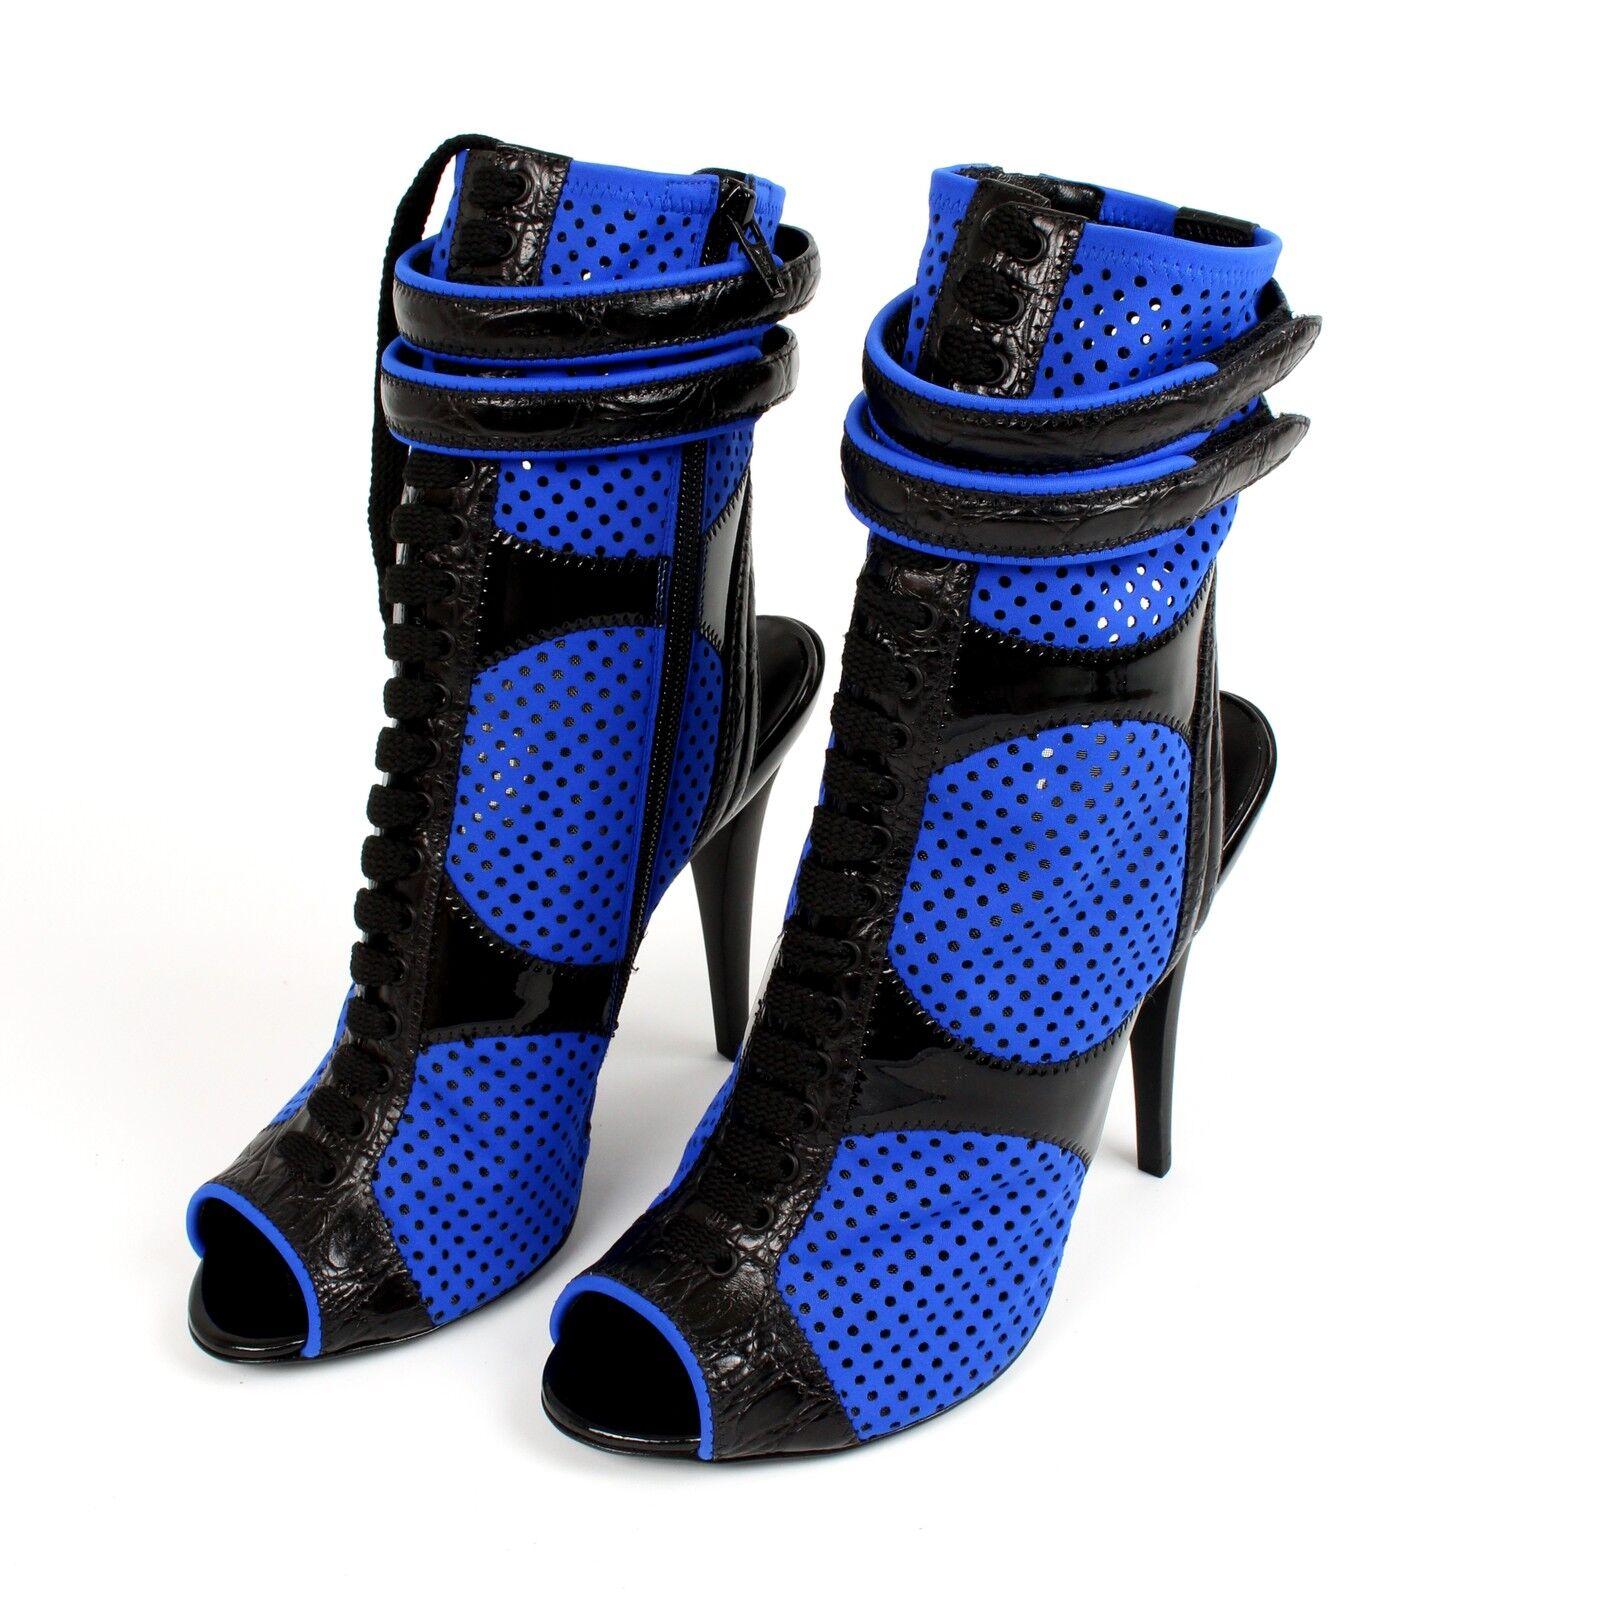 Emilio Pucci Bleu Néoprène & & & Bottines en cuir chaussures + sac à poussière UK7 EU40 US10 7003bb